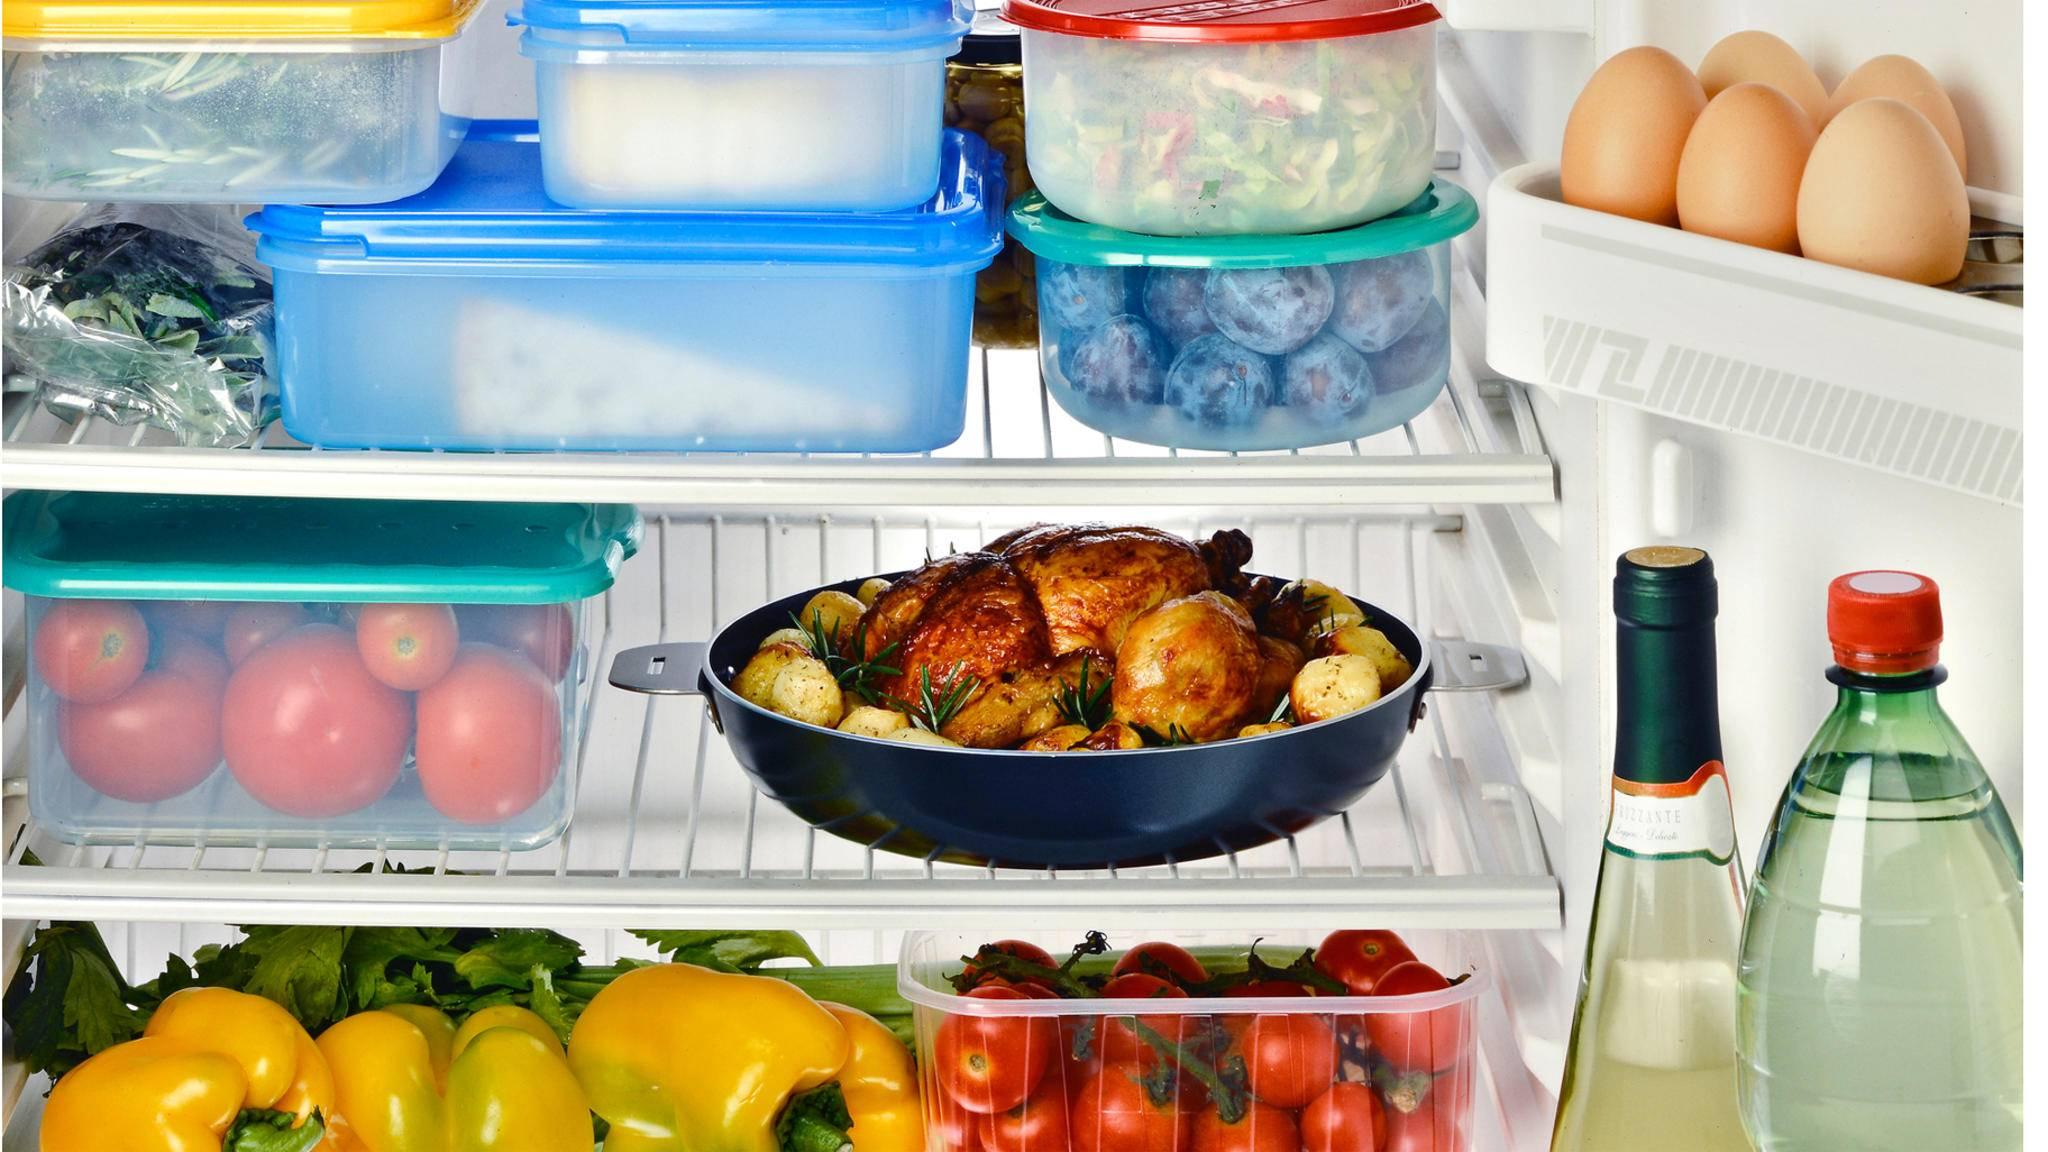 Inzwischen sind viele Kühlschränke mit Low-Frost und 0-Grad-Zone ausgestattet.